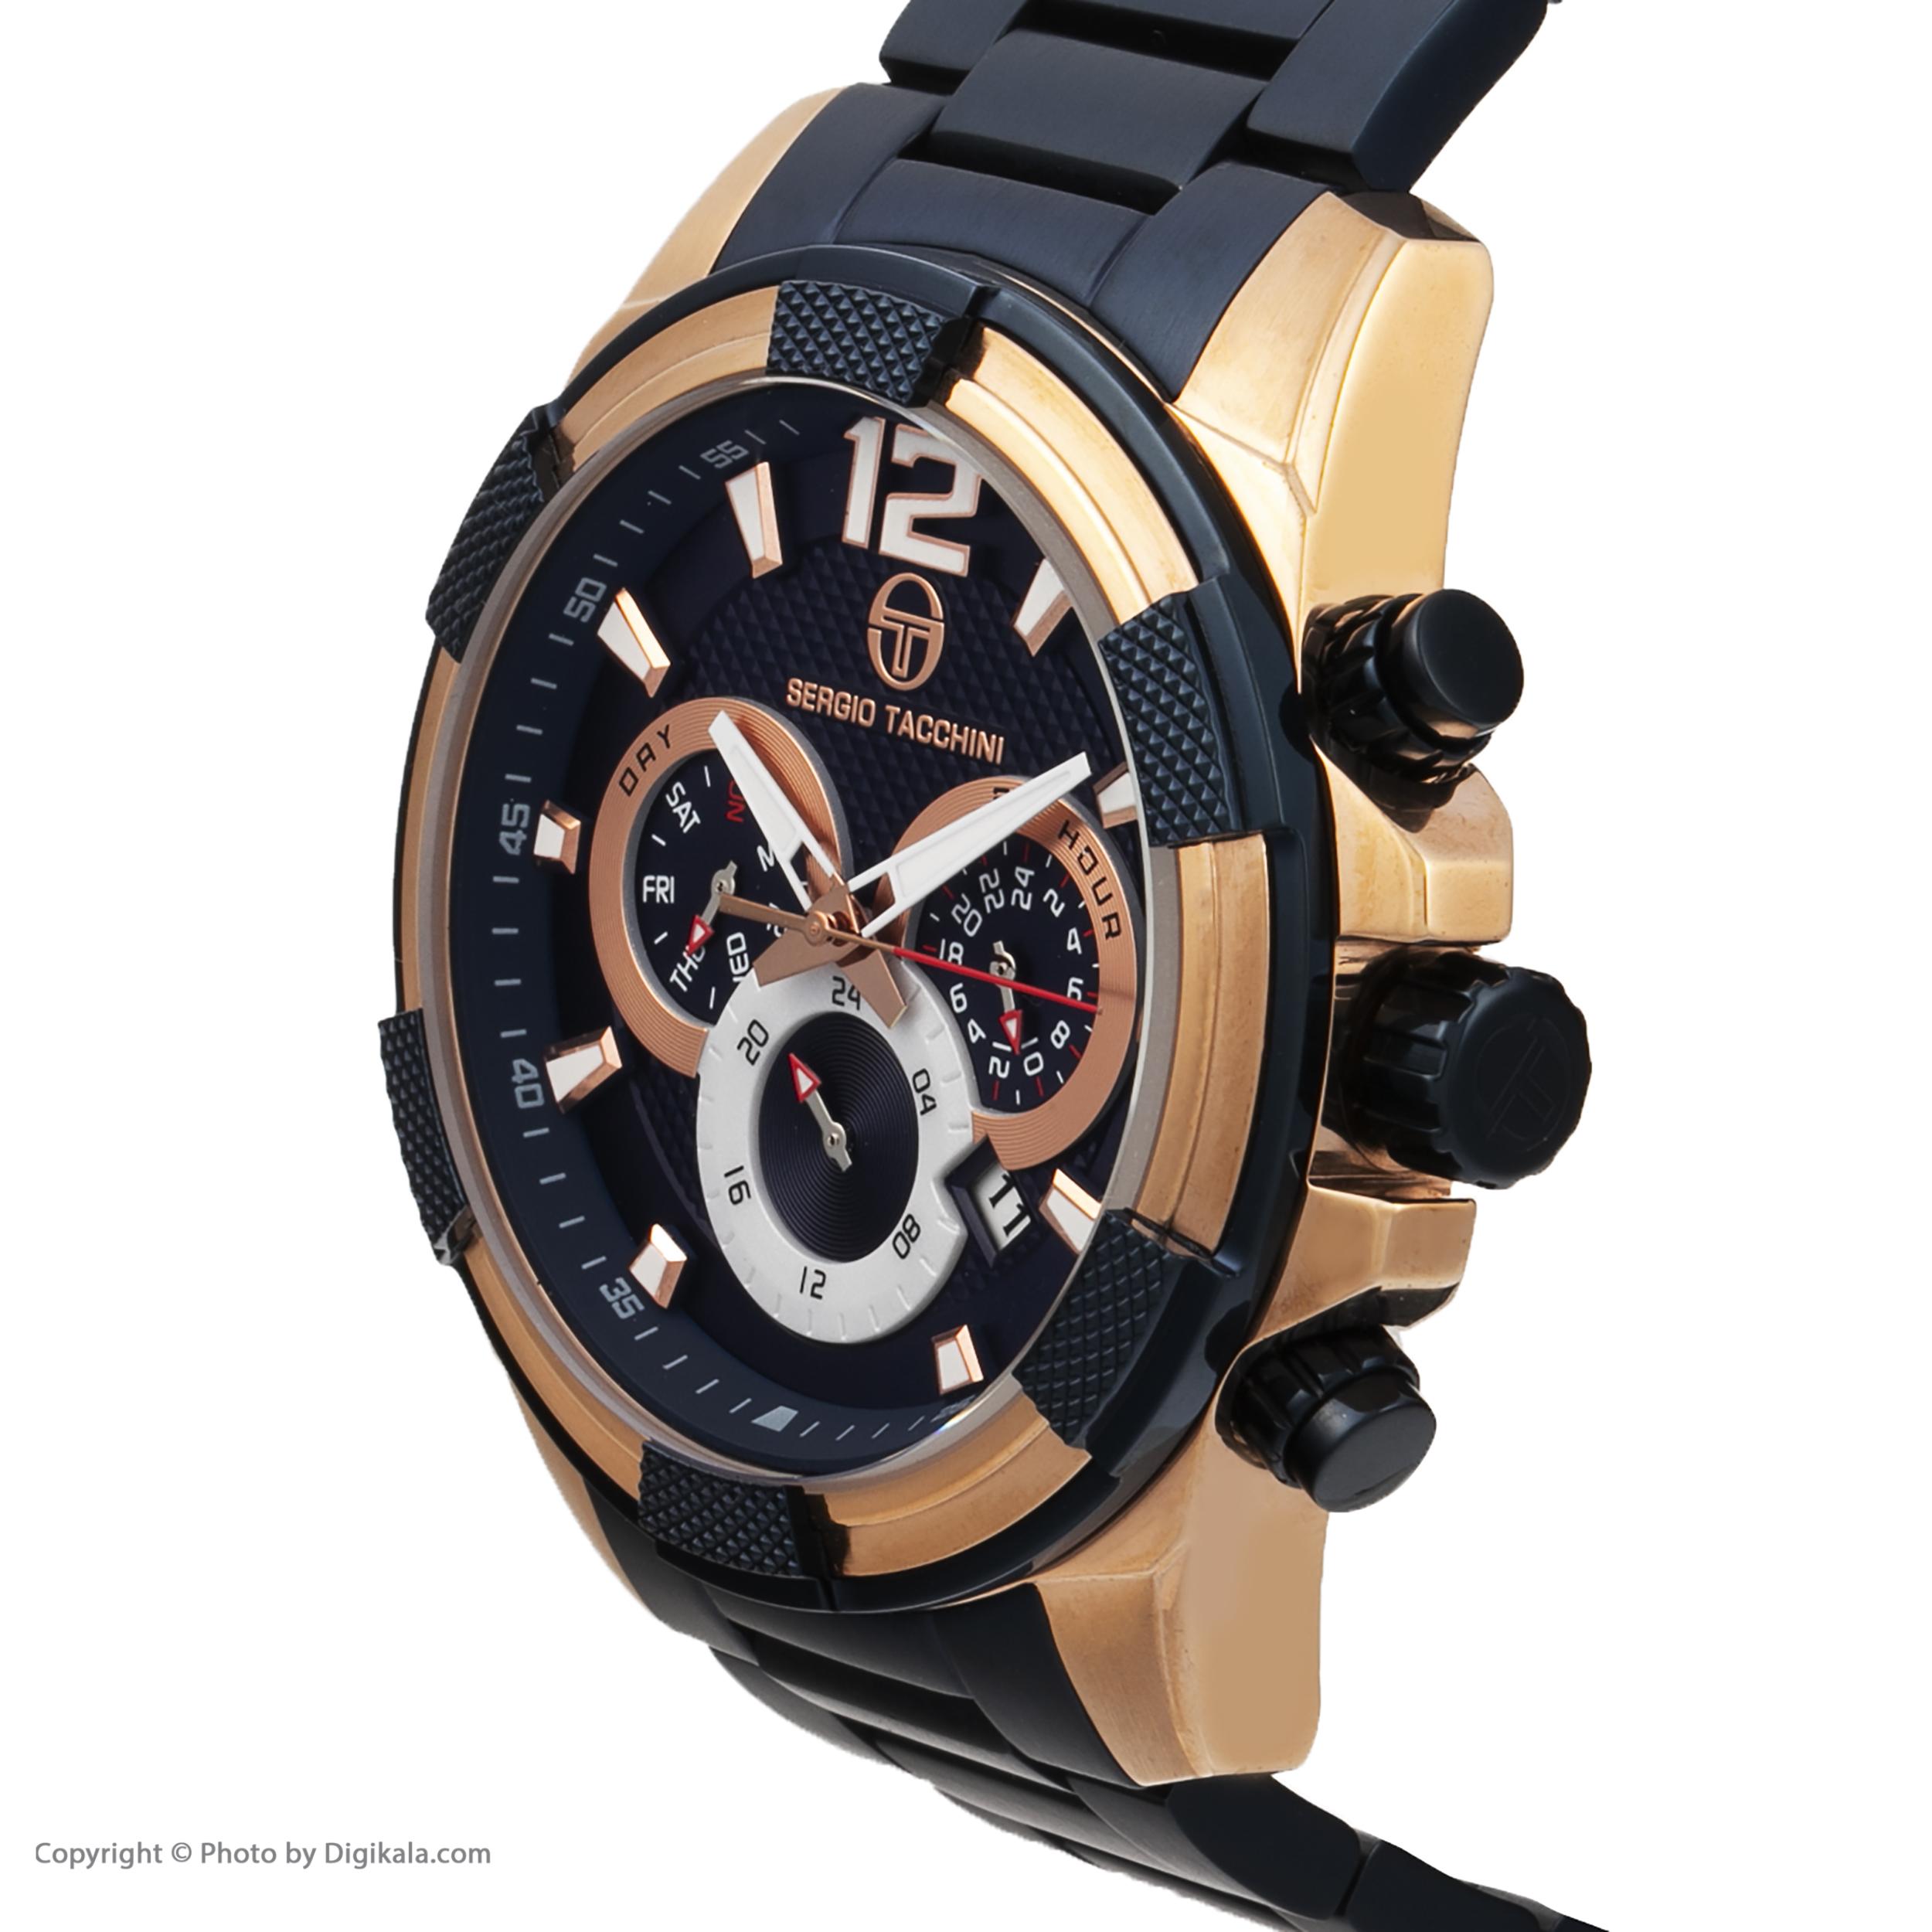 ساعت مچی عقربه ای مردانه سرجیو تاچینی مدل ST.5.170.05 -  - 3